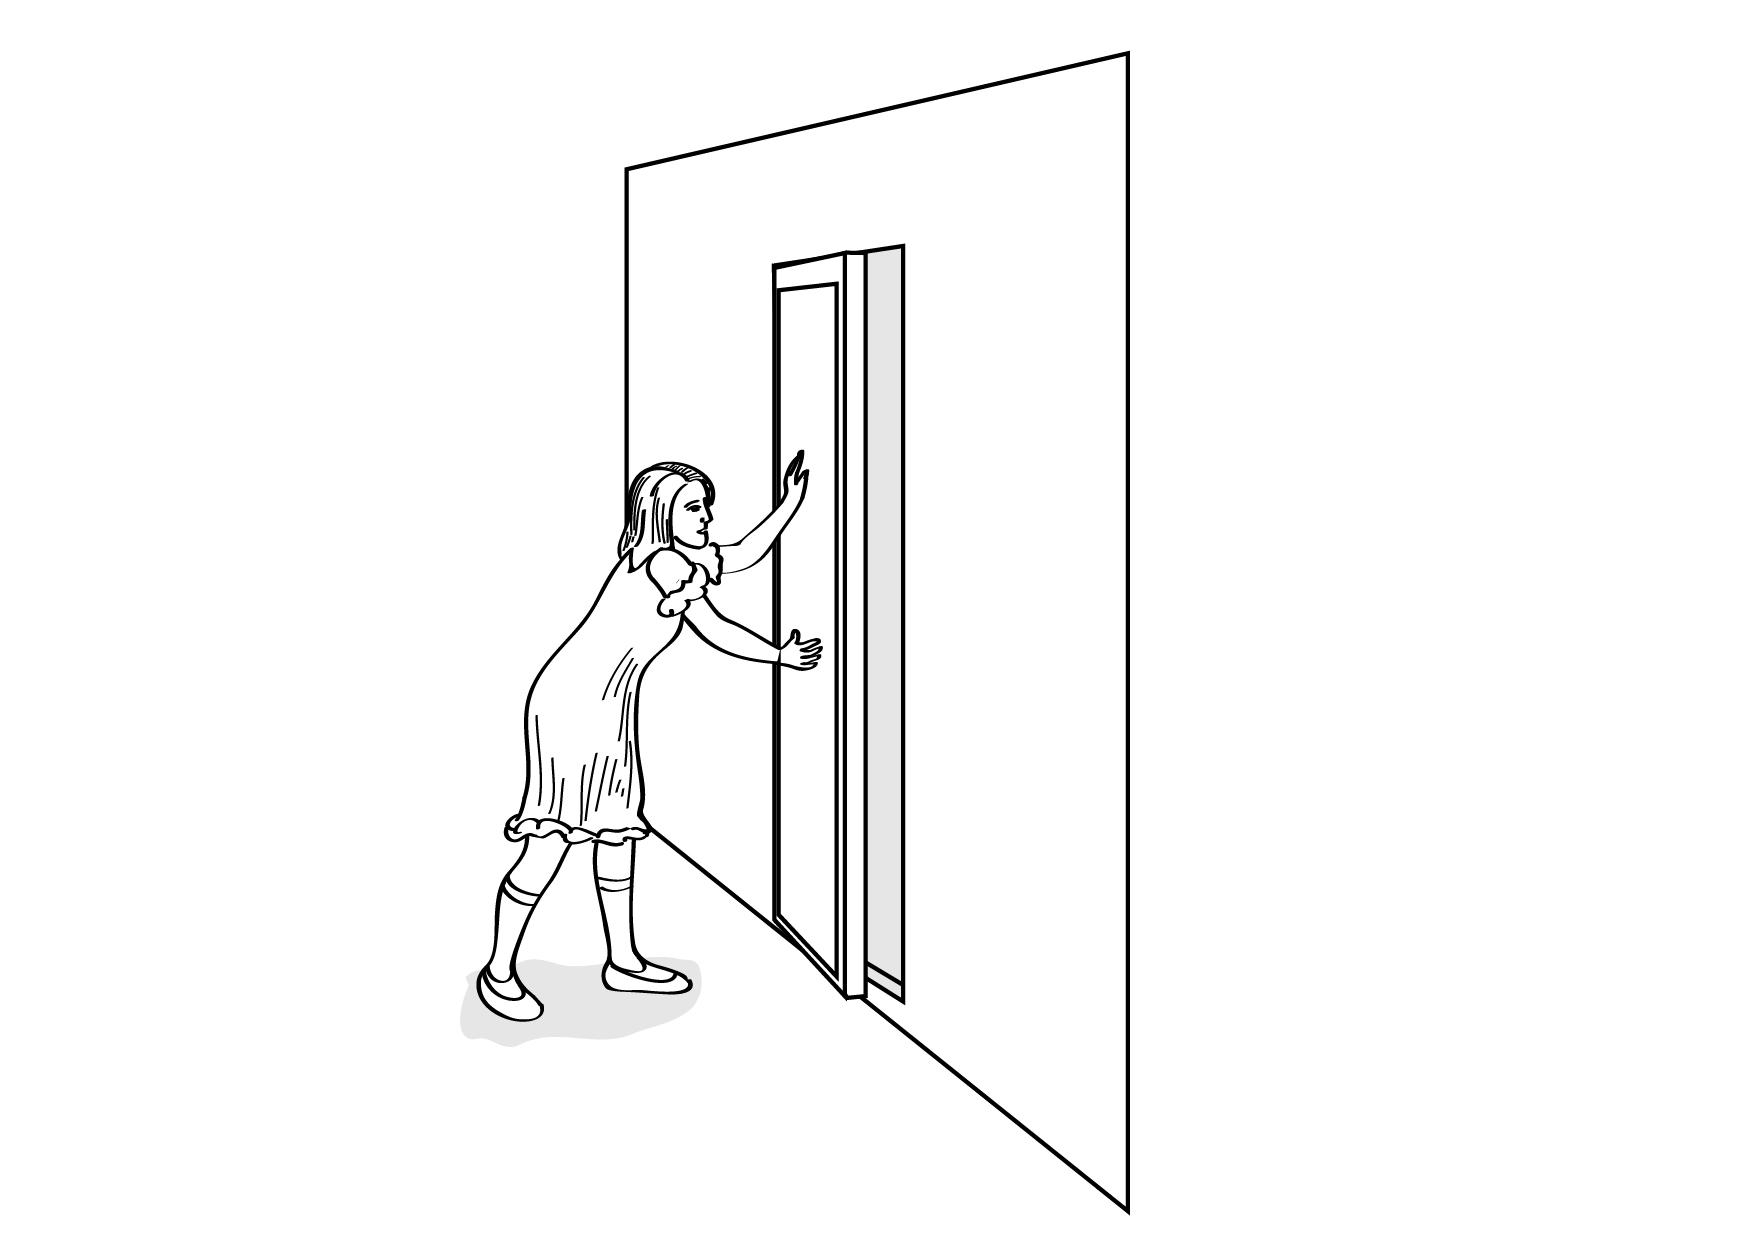 Closing Doors F : Close door sign clip art